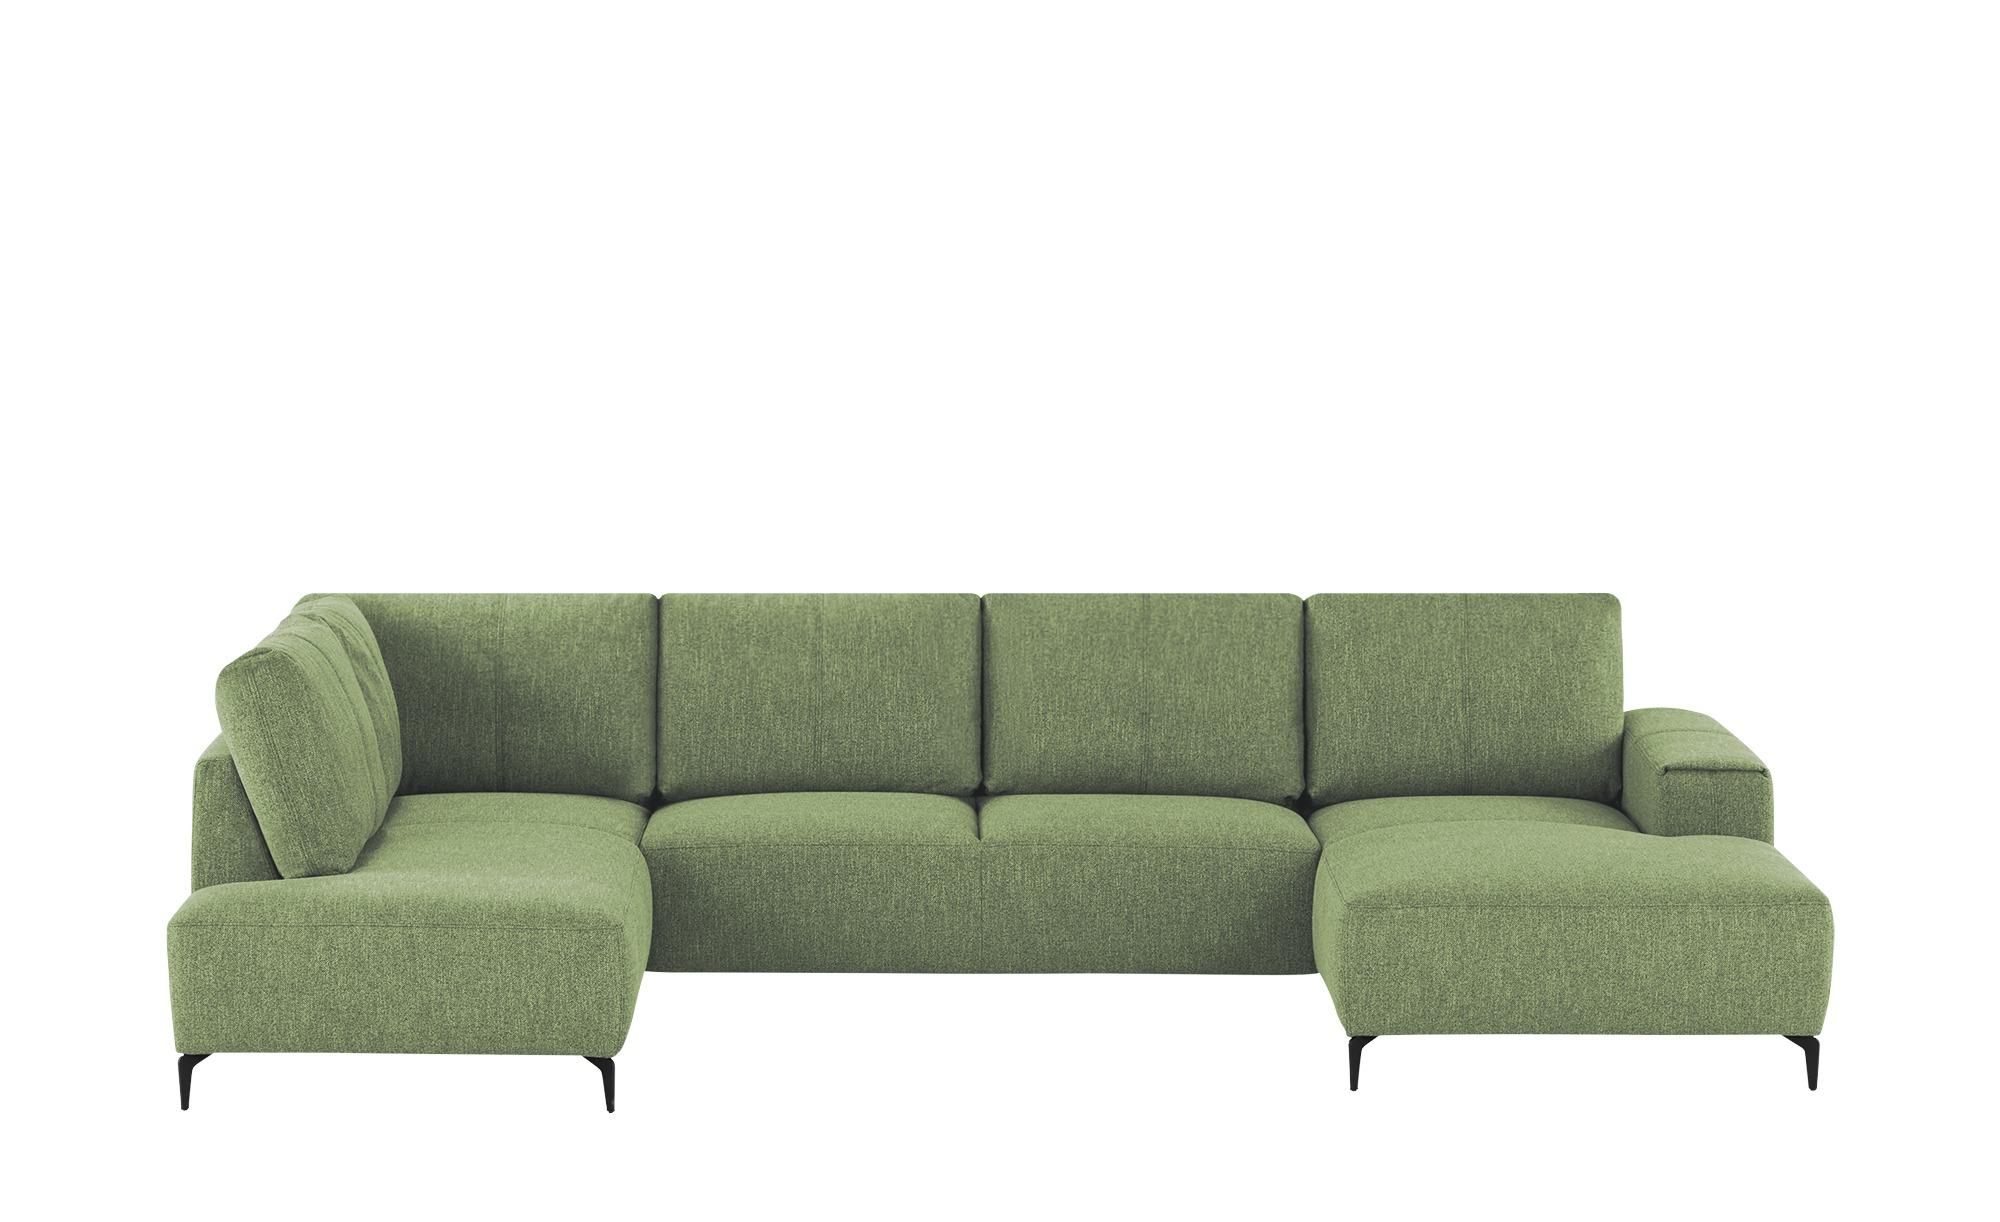 smart Wohnlandschaft  Gabriela ¦ grün ¦ Maße (cm): B: 355 H: 90 T: 170 Polstermöbel > Sofas > Wohnlandschaften - Höffner